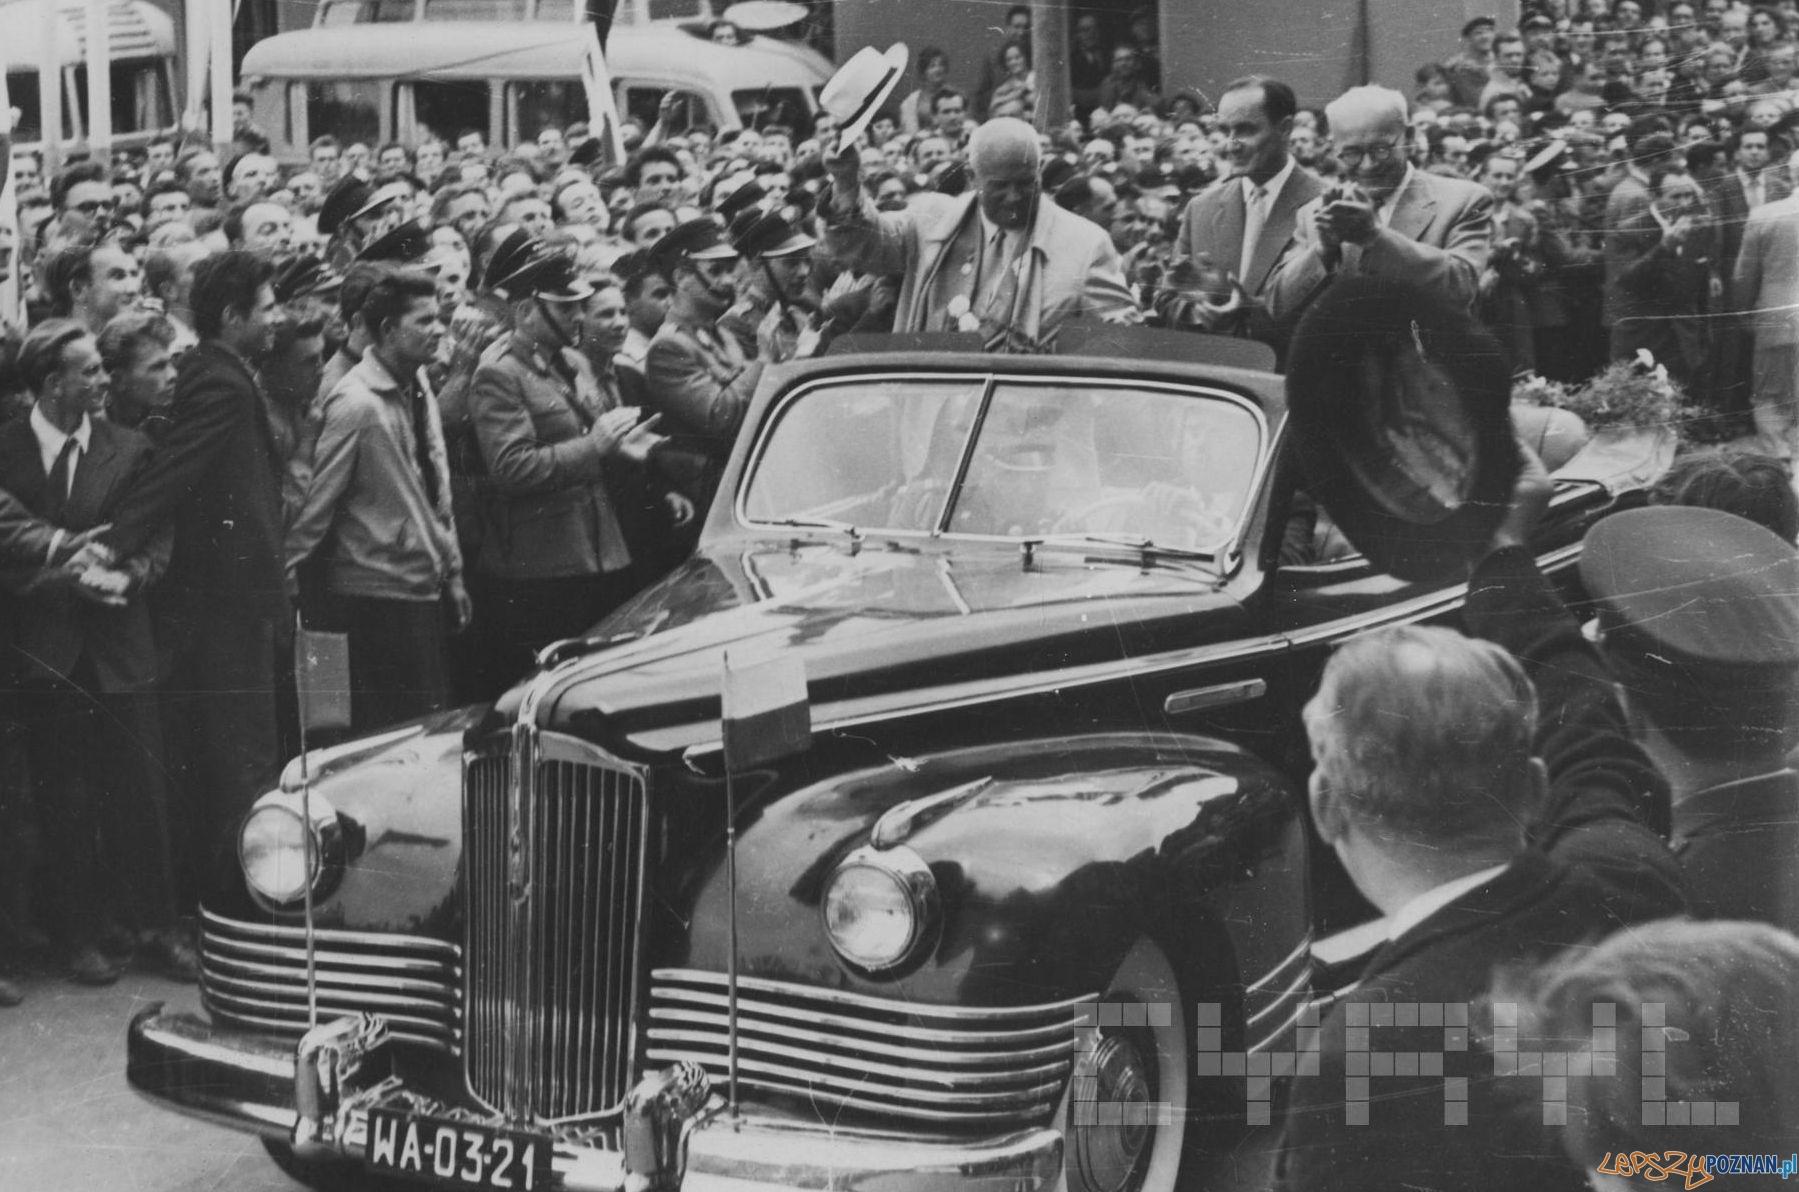 Wizyta Chruszczowa w Poznaniu - 18.07.1959  Foto: H. Ignor / Cyryl